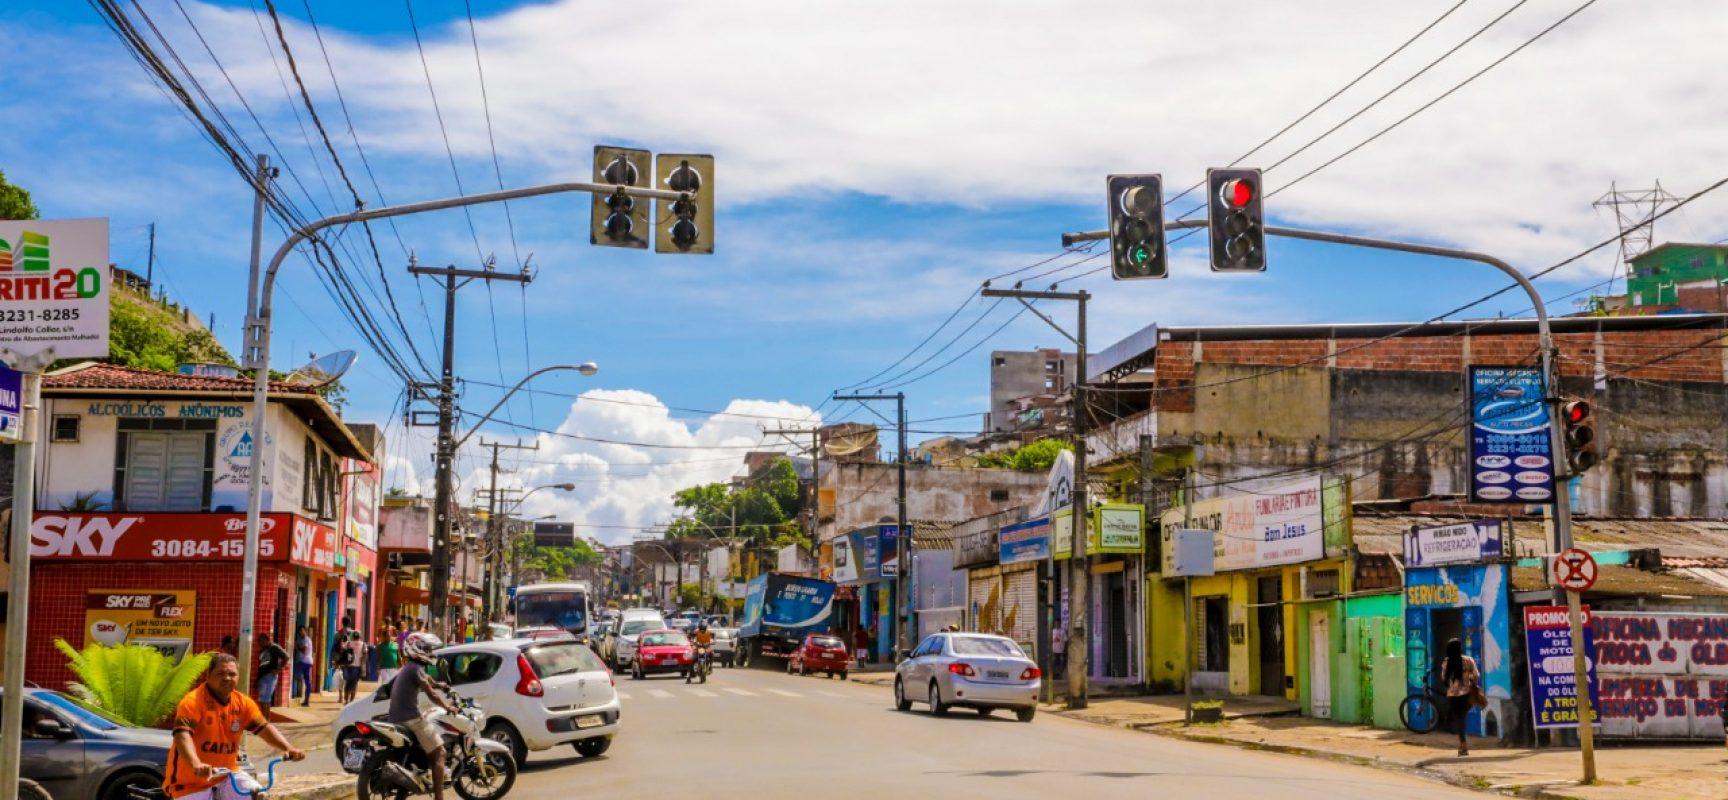 Prefeitura de Ilhéus amplia rol de serviços considerados essenciais